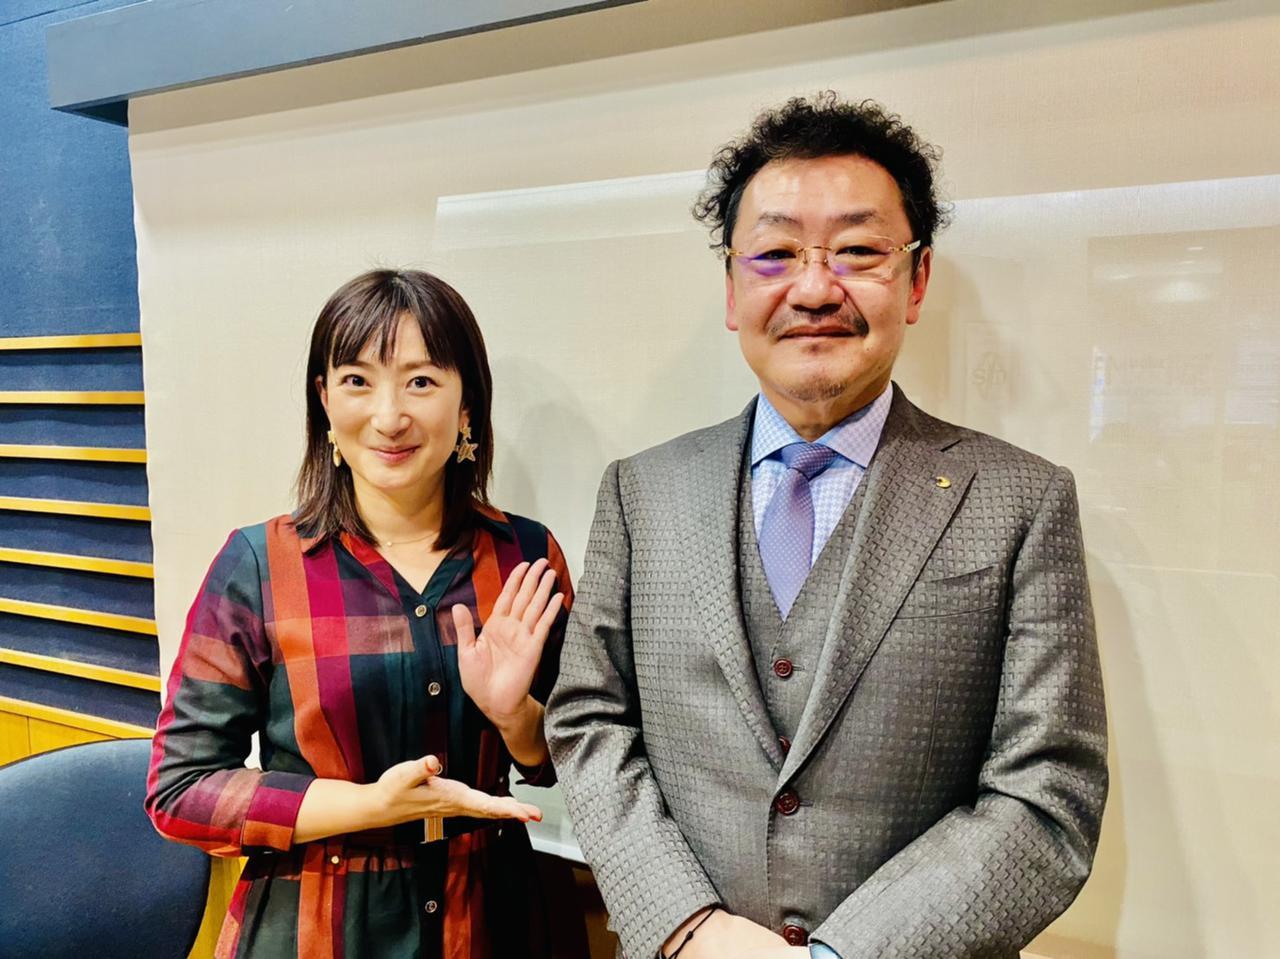 画像: 山田運送株式会社 代表取締役 安原信行 氏 www.yamada-transport.co.jp